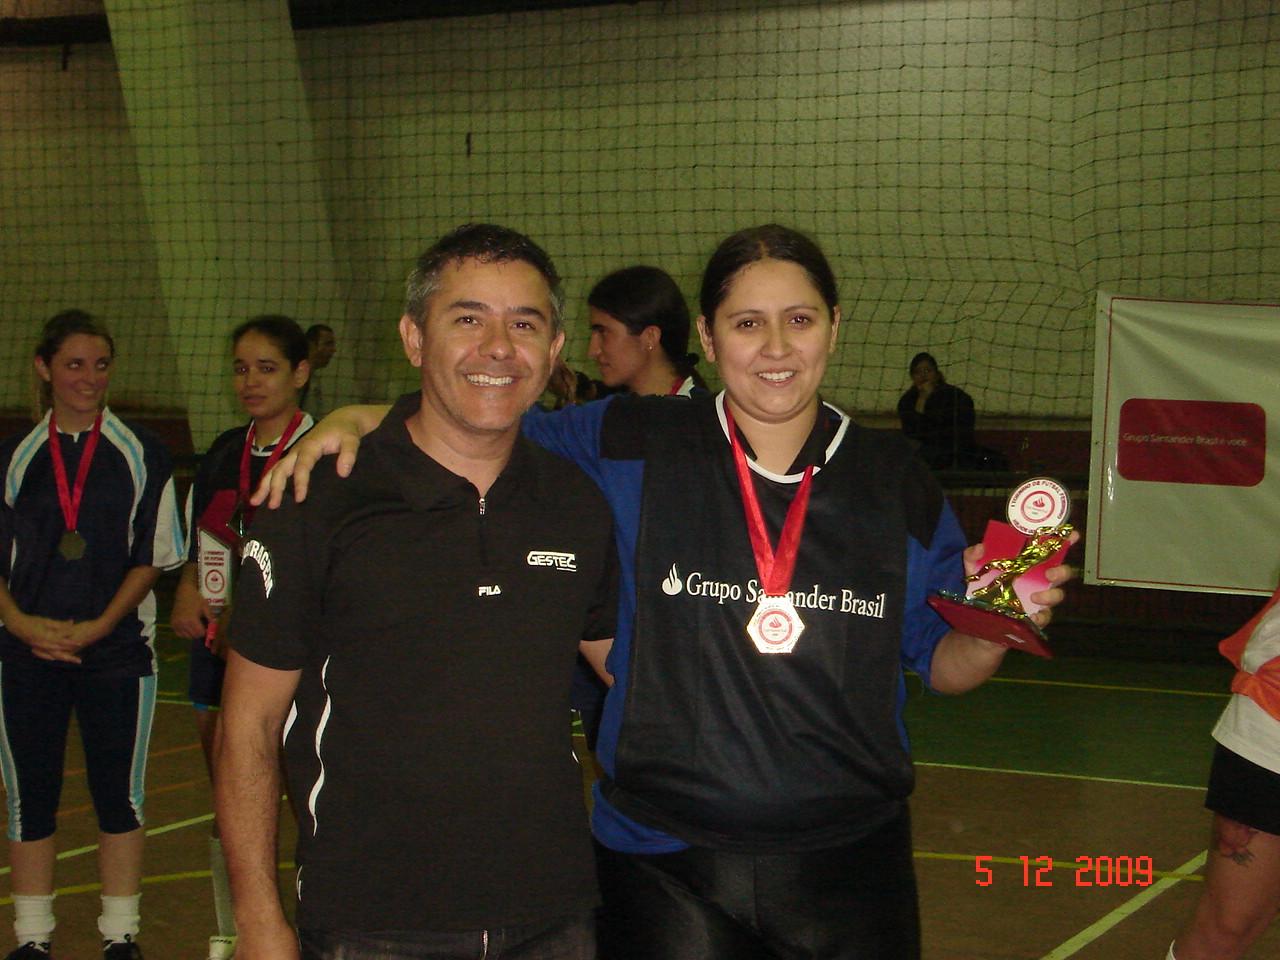 DESTAQUE - DANIELE RIBEIRO da equipe Joga Bonito recebendo troféu de Fabiano da organização